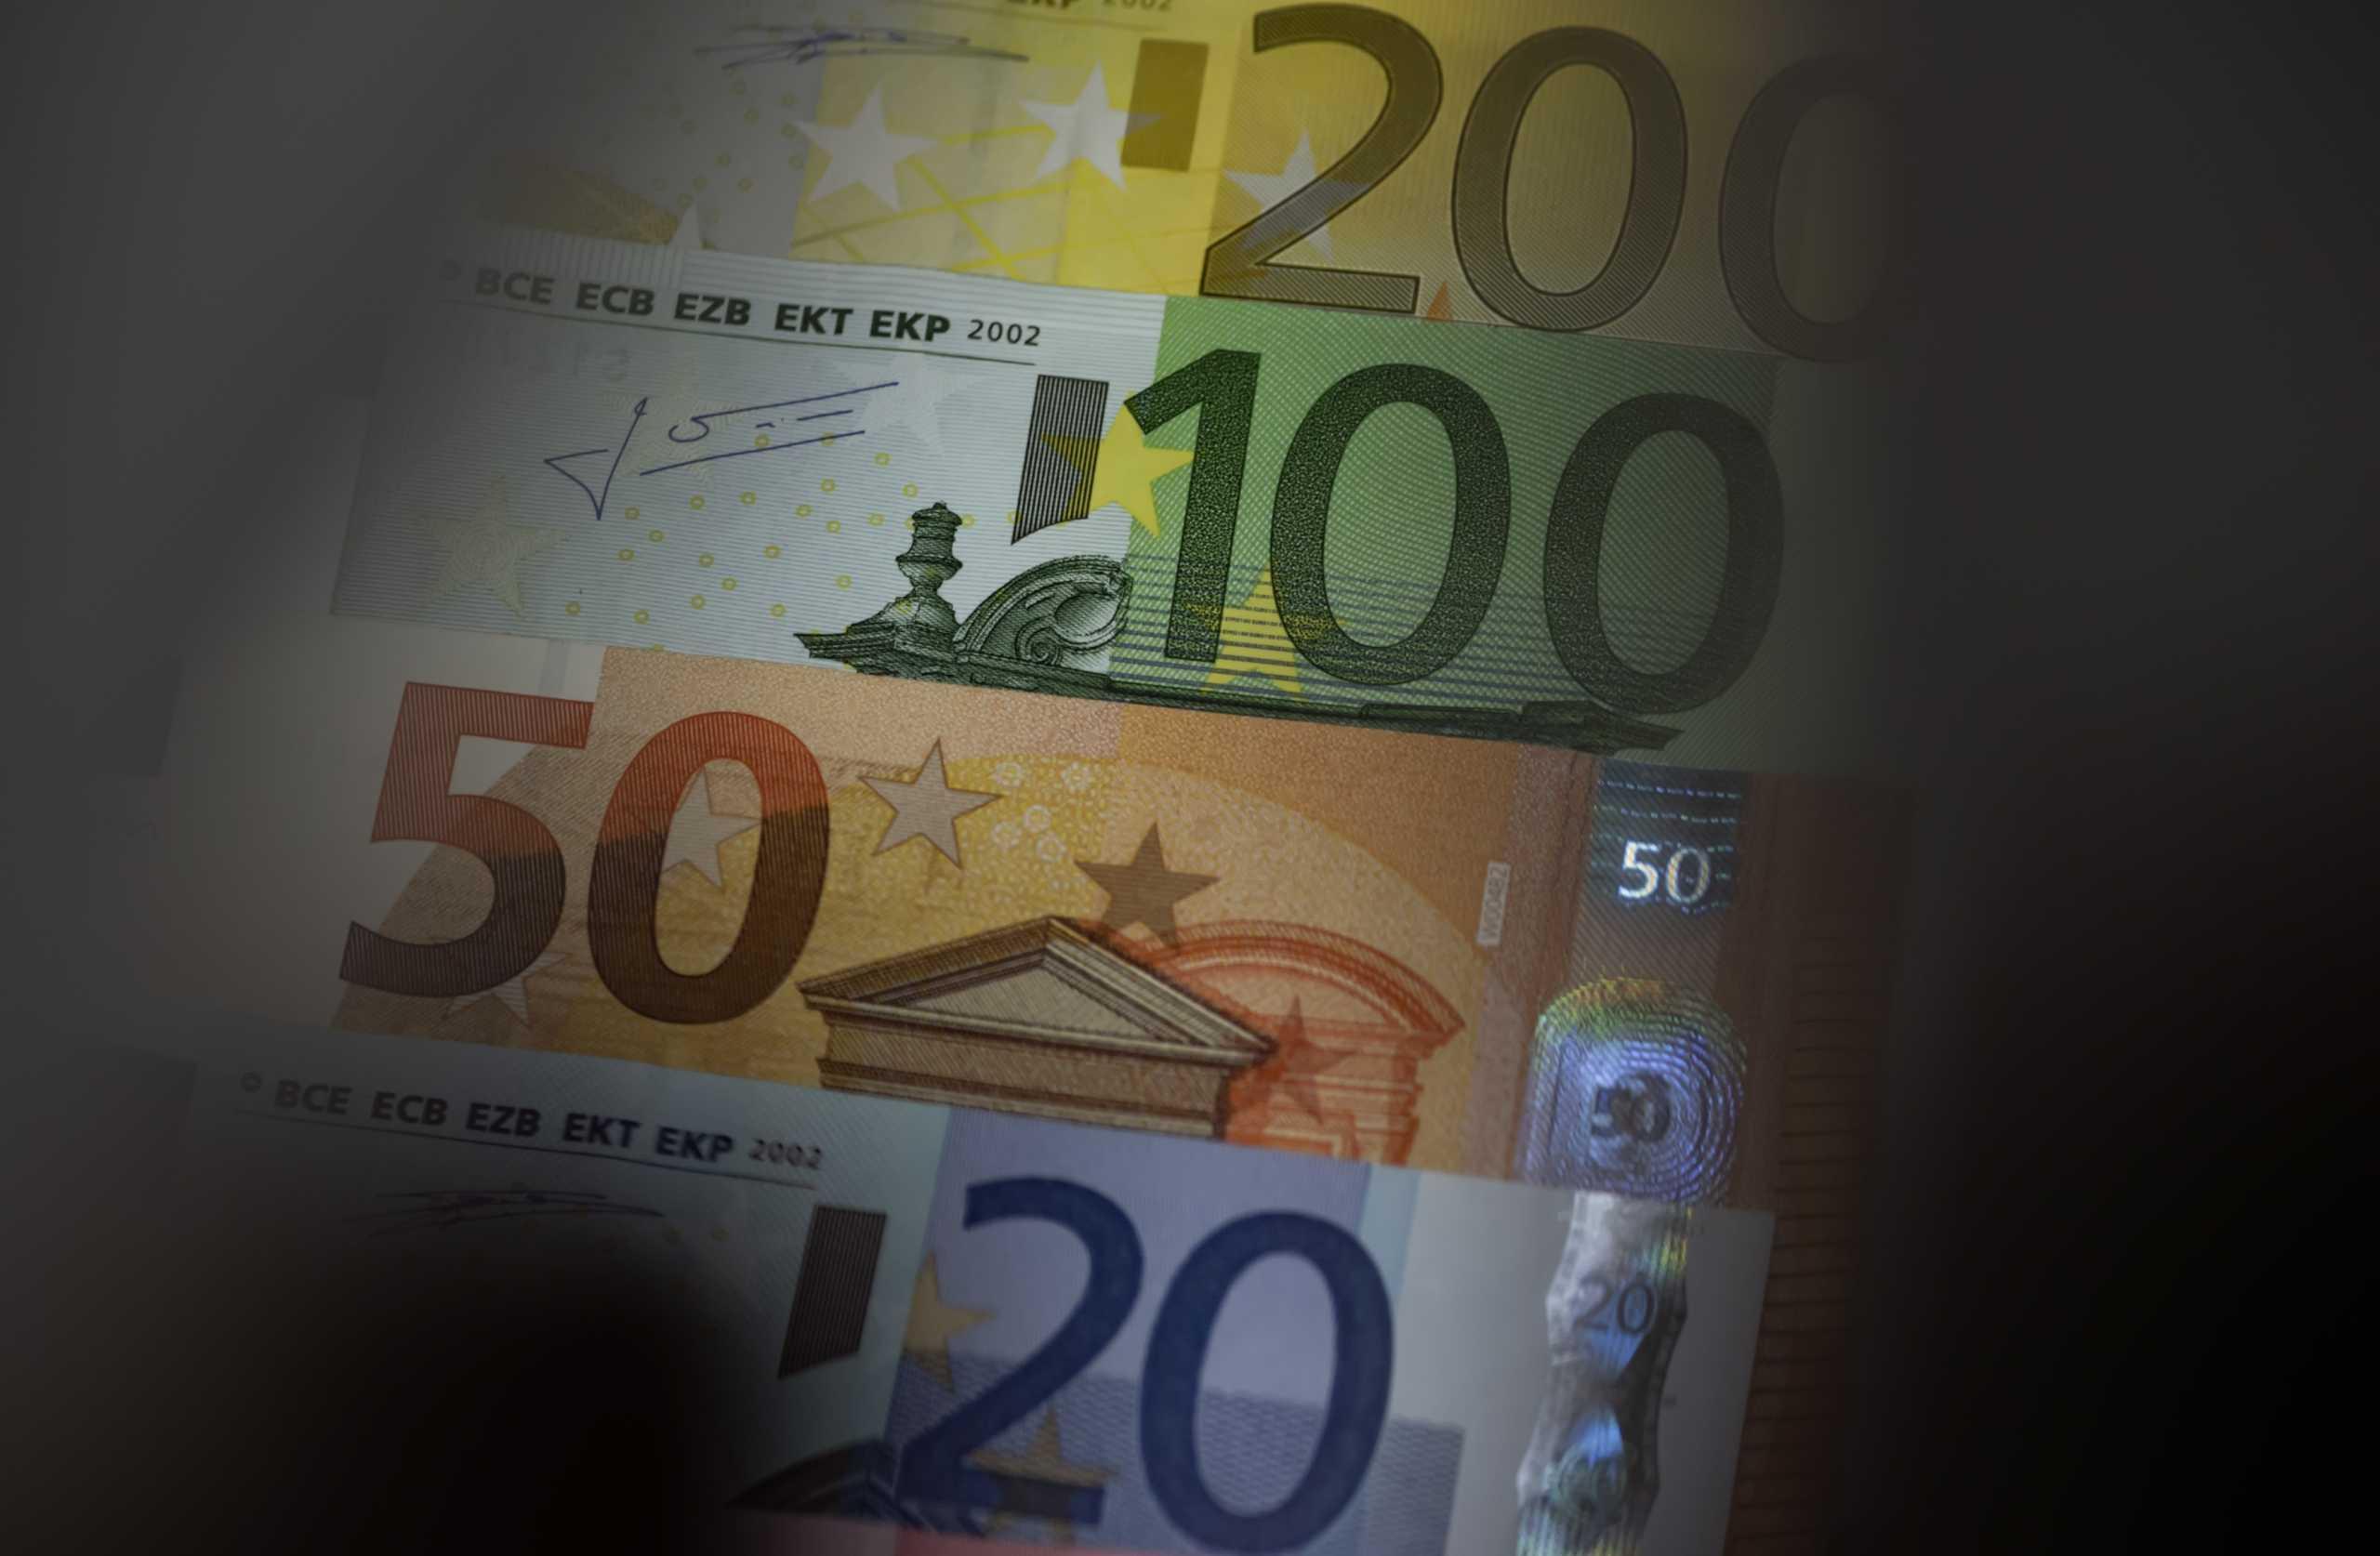 Πώς θα δοθεί η έκτακτη οικονομική ενίσχυση των 400 ευρώ σε αυτοαπασχολούμενους επιστήμονες